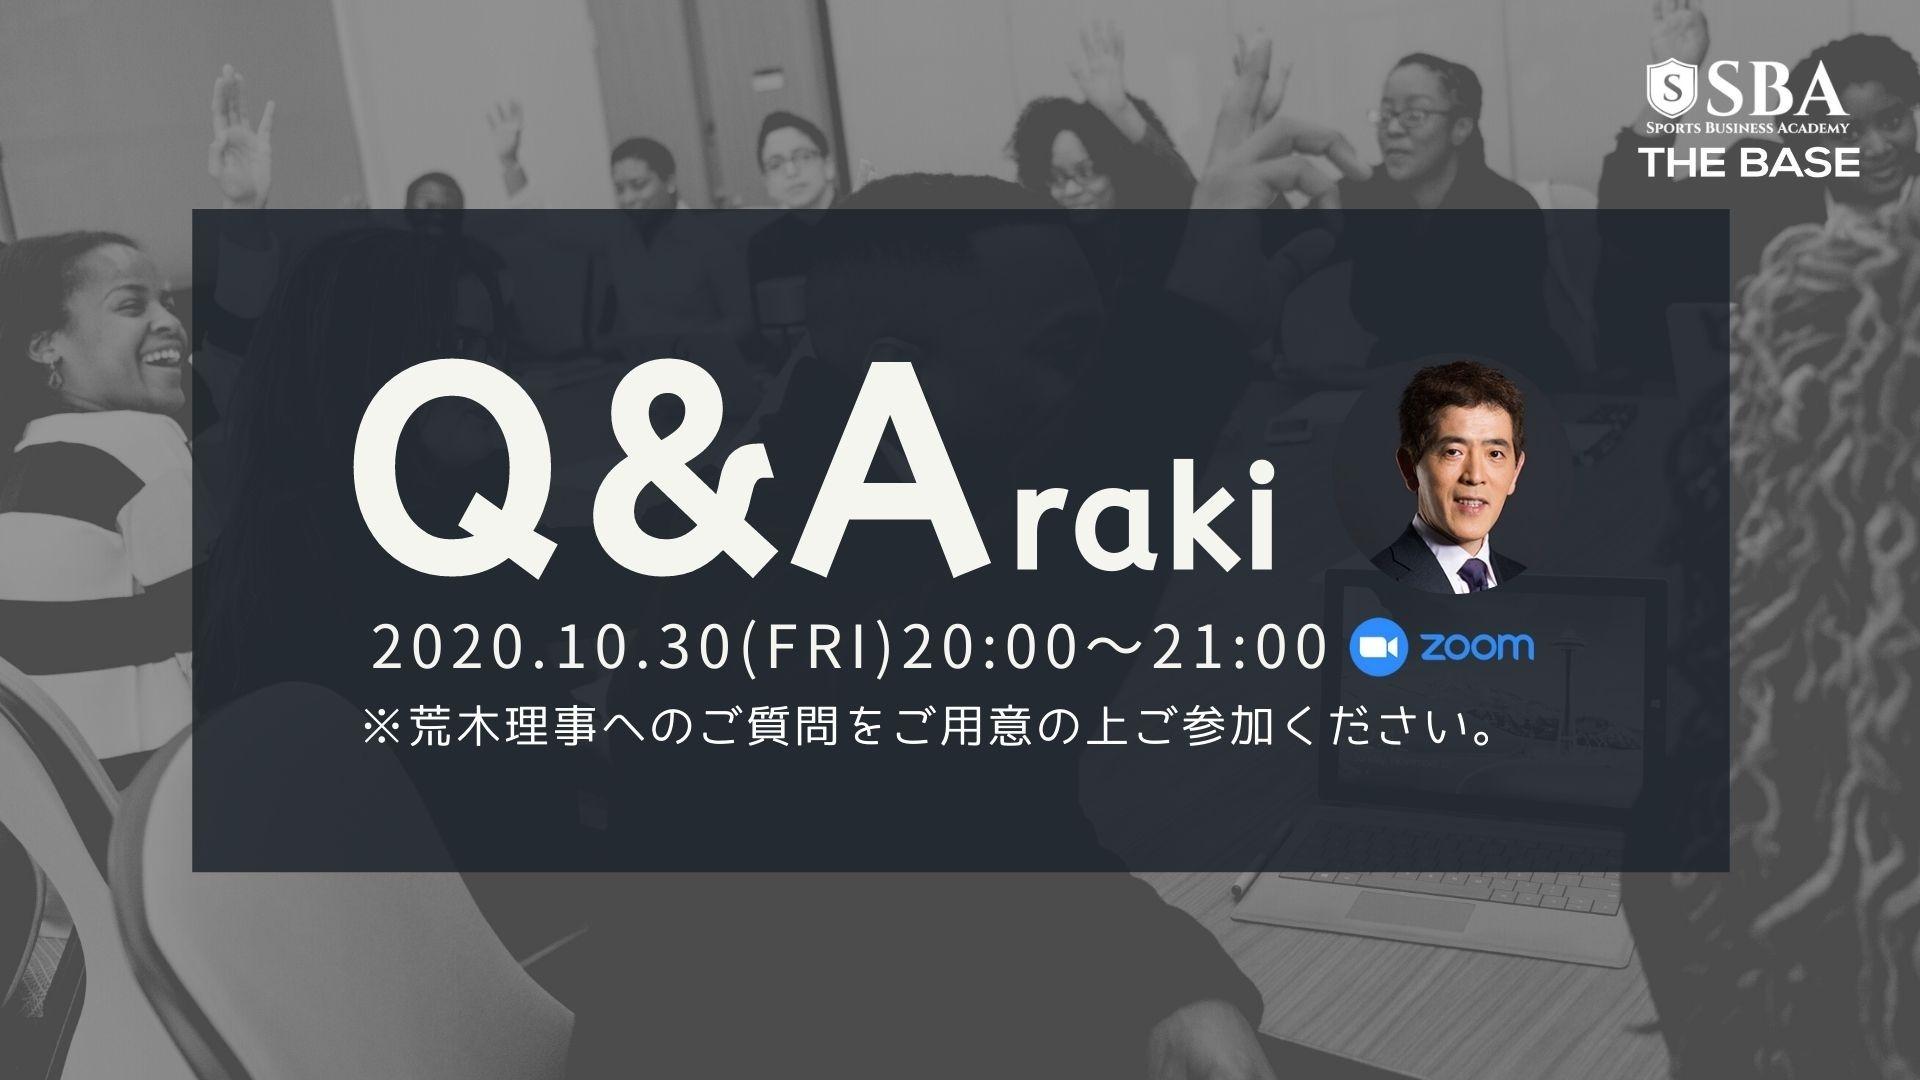 荒木理事に直接質問! 新企画『Q&Araki』